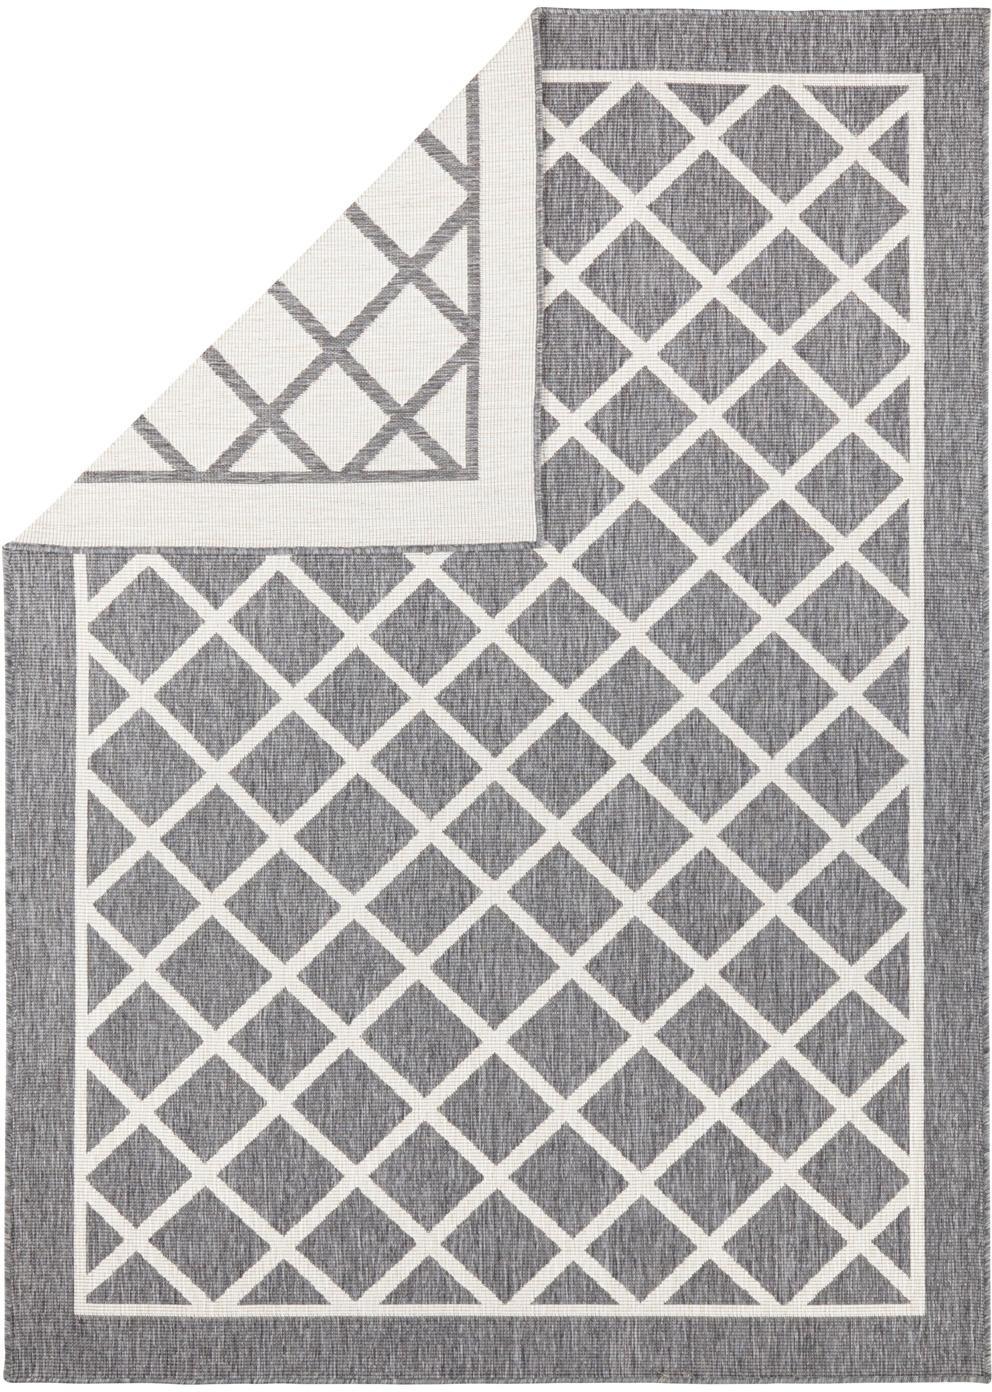 In- und Outdoor-Wendeteppich Sydney mit Rautenmuster in Grau/Creme, Grau, Creme, B 120 x L 170 cm (Größe S)